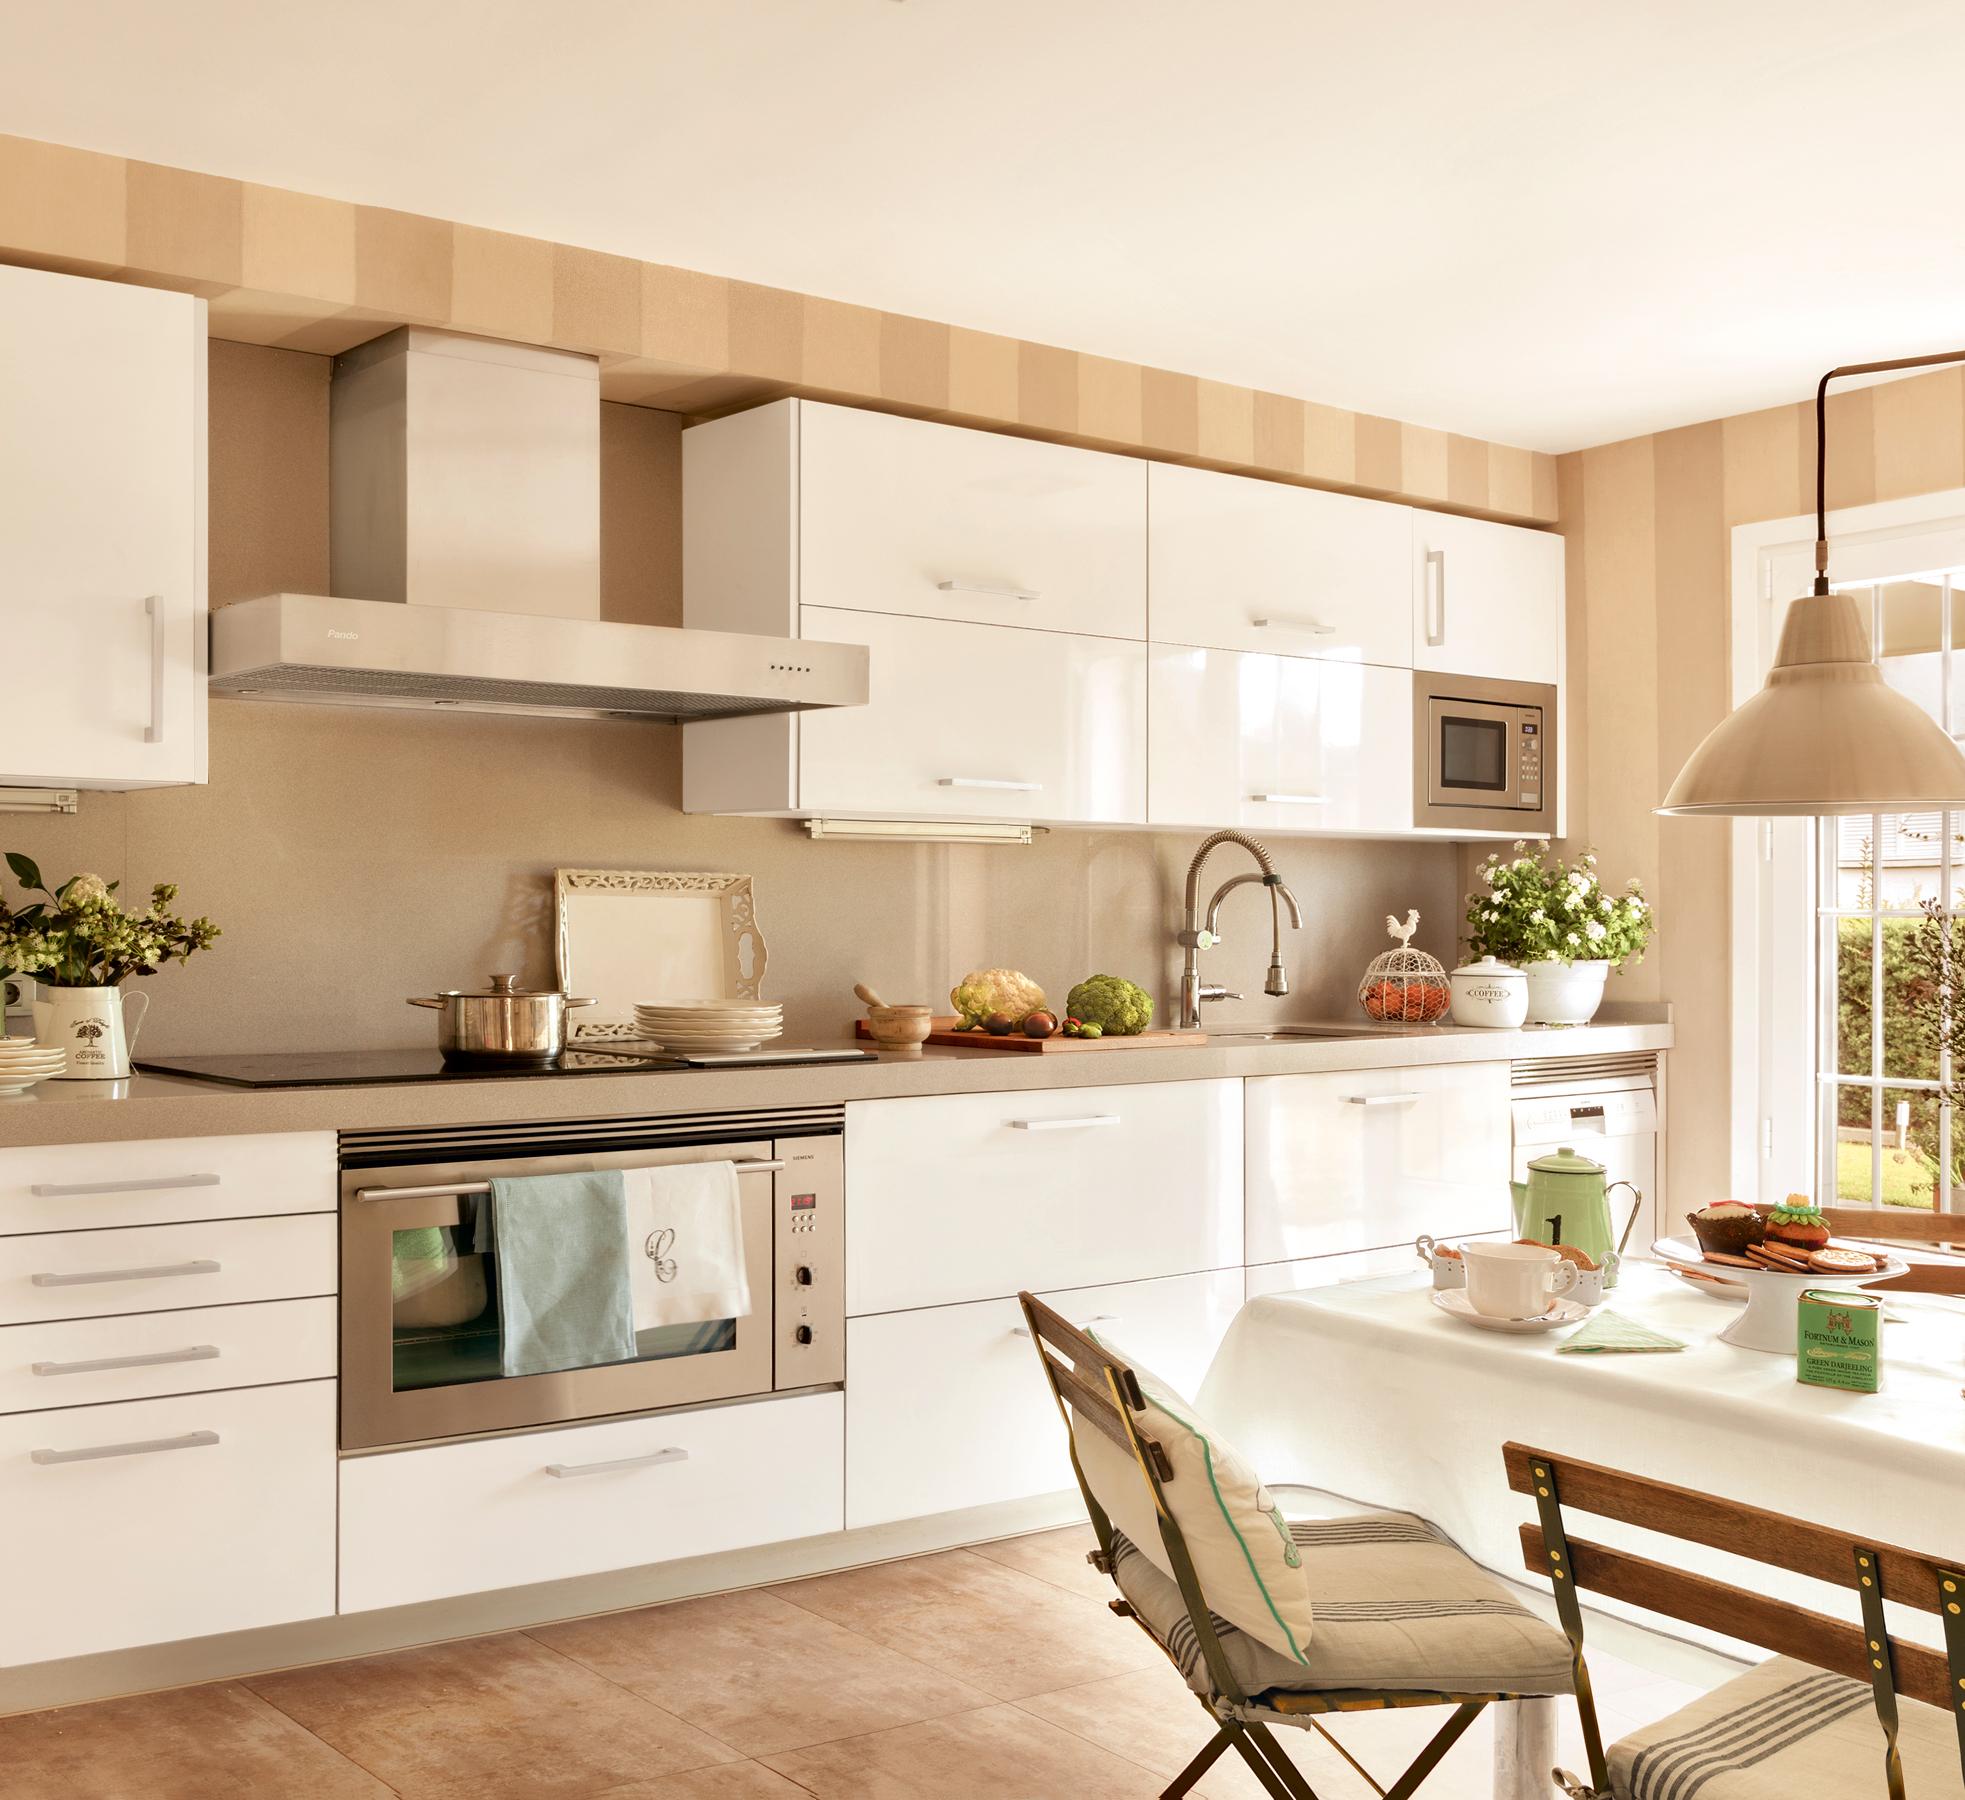 Renovar la cocina sin obras 10 reformas low cost for Cocinas claras modernas